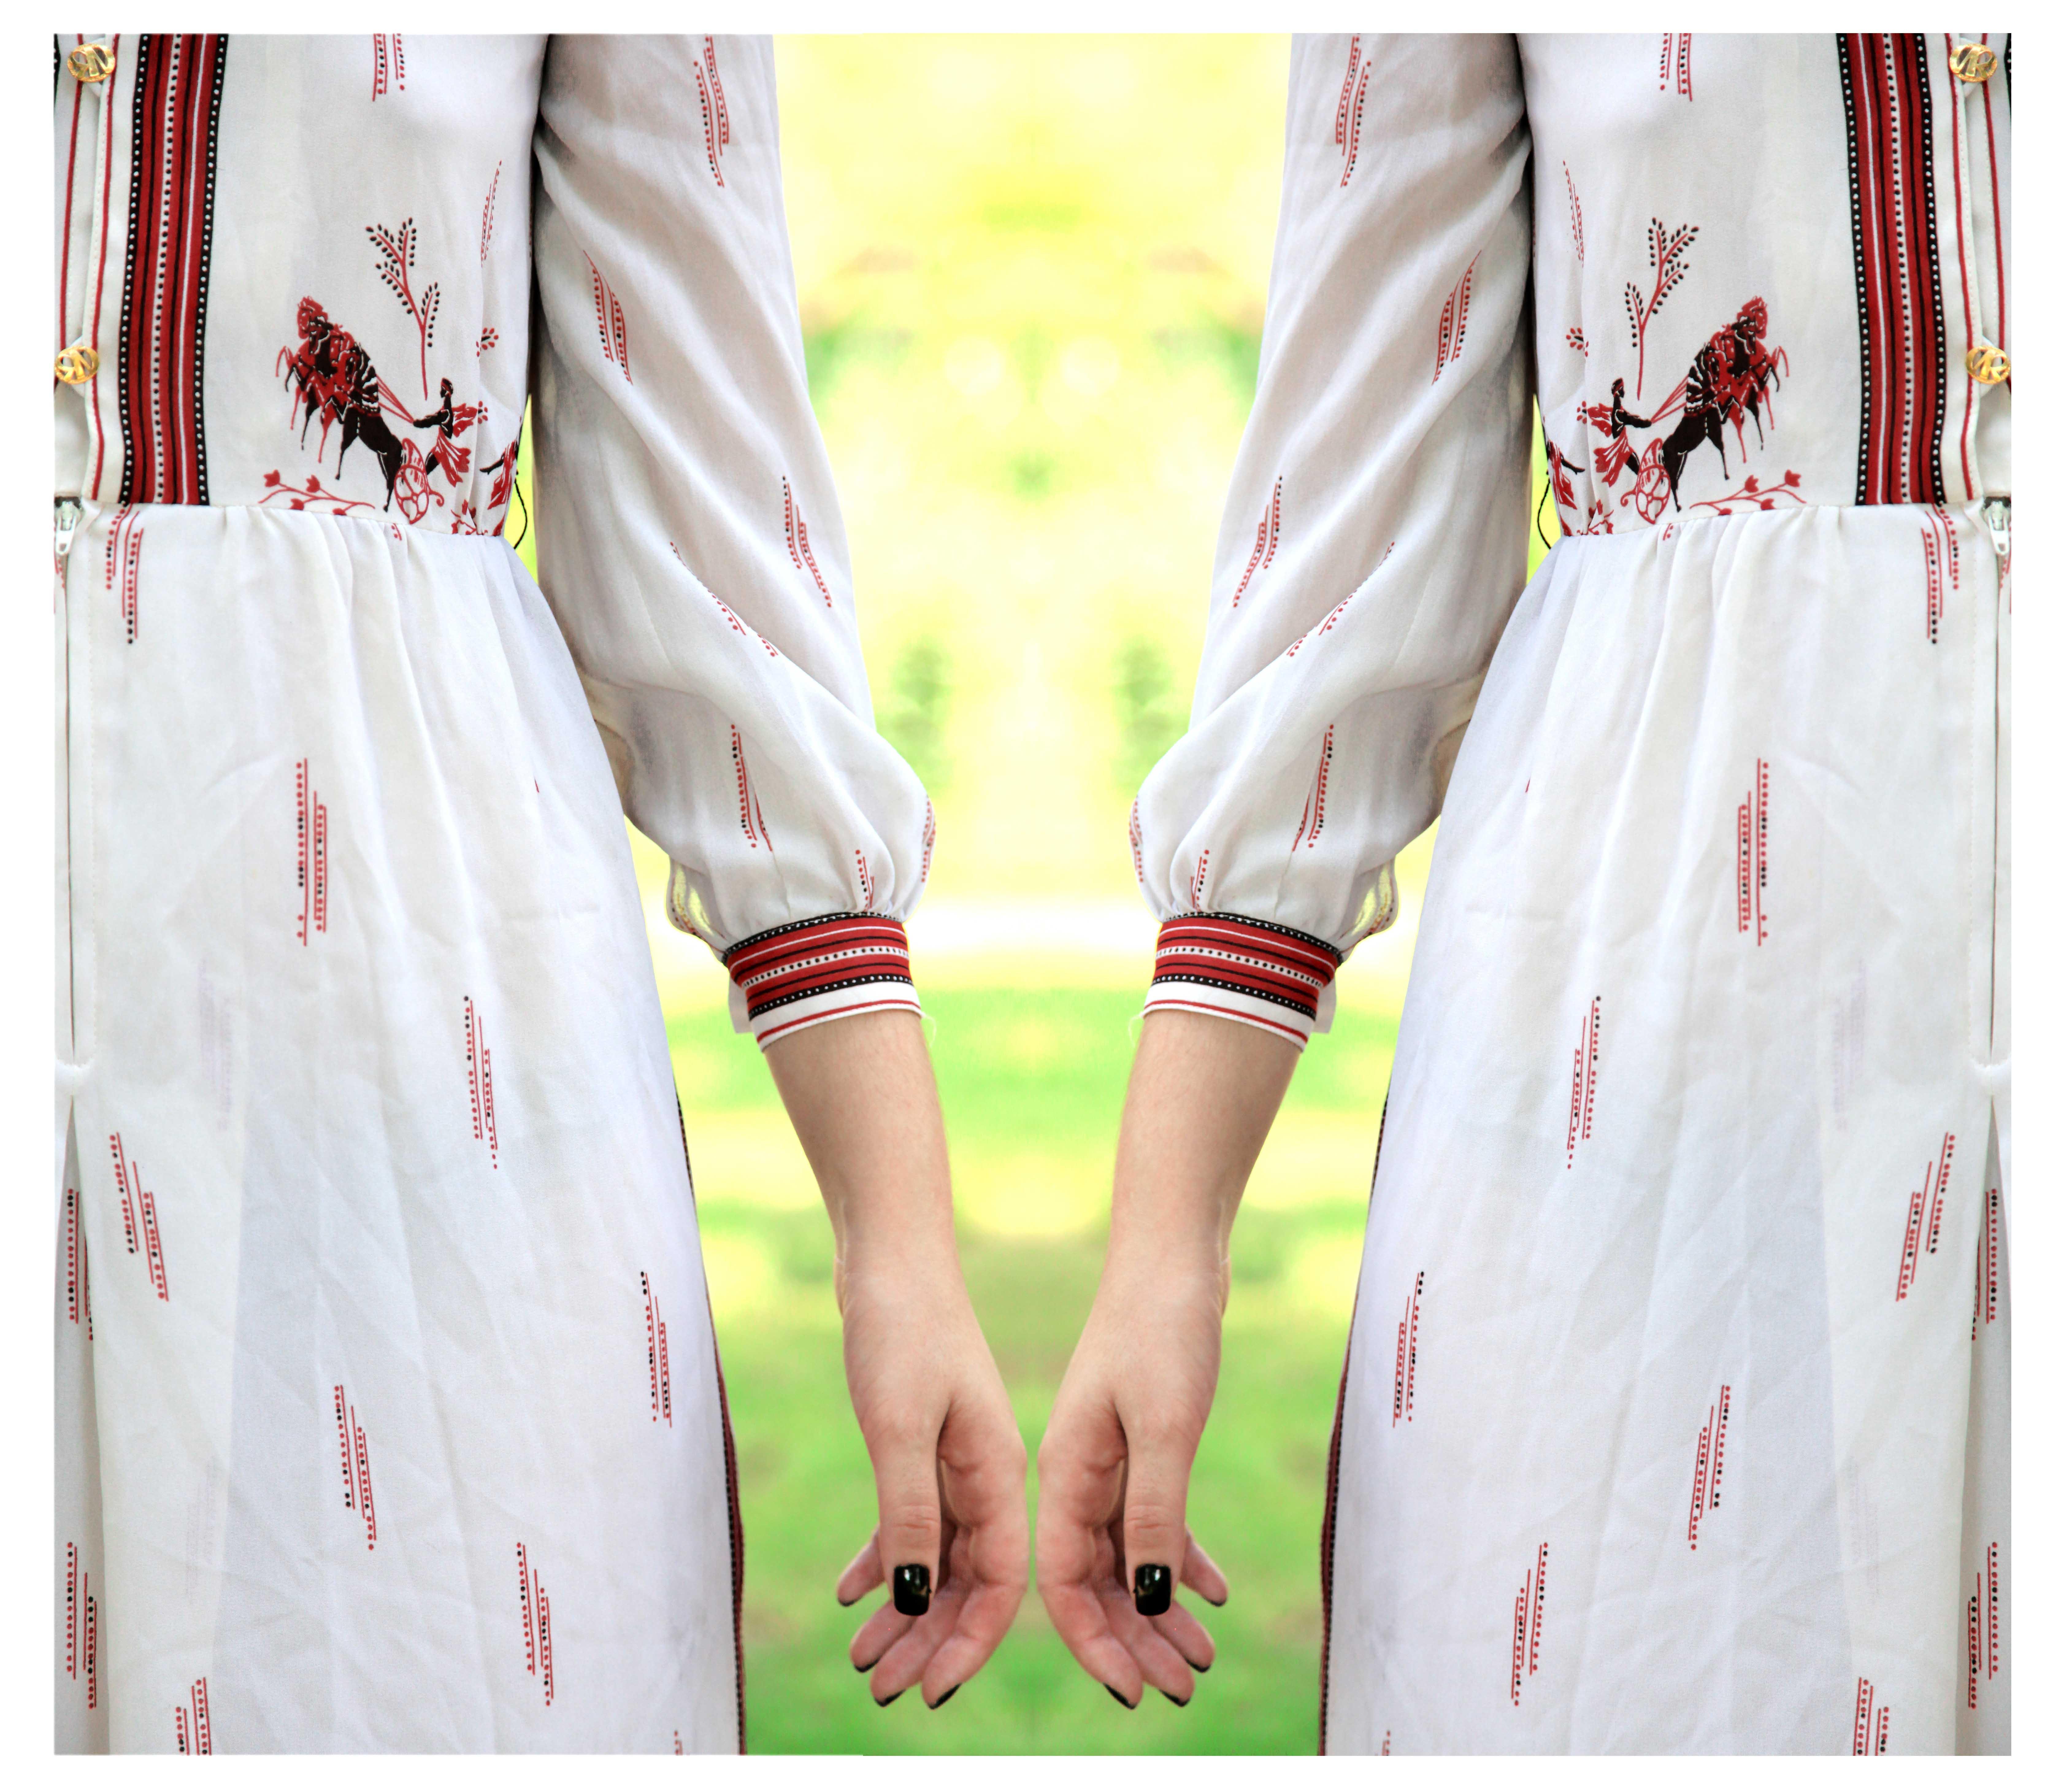 לקנות בגדי מעצבים בפחות ממאה שקלים, או לתרום ולהנות 2#